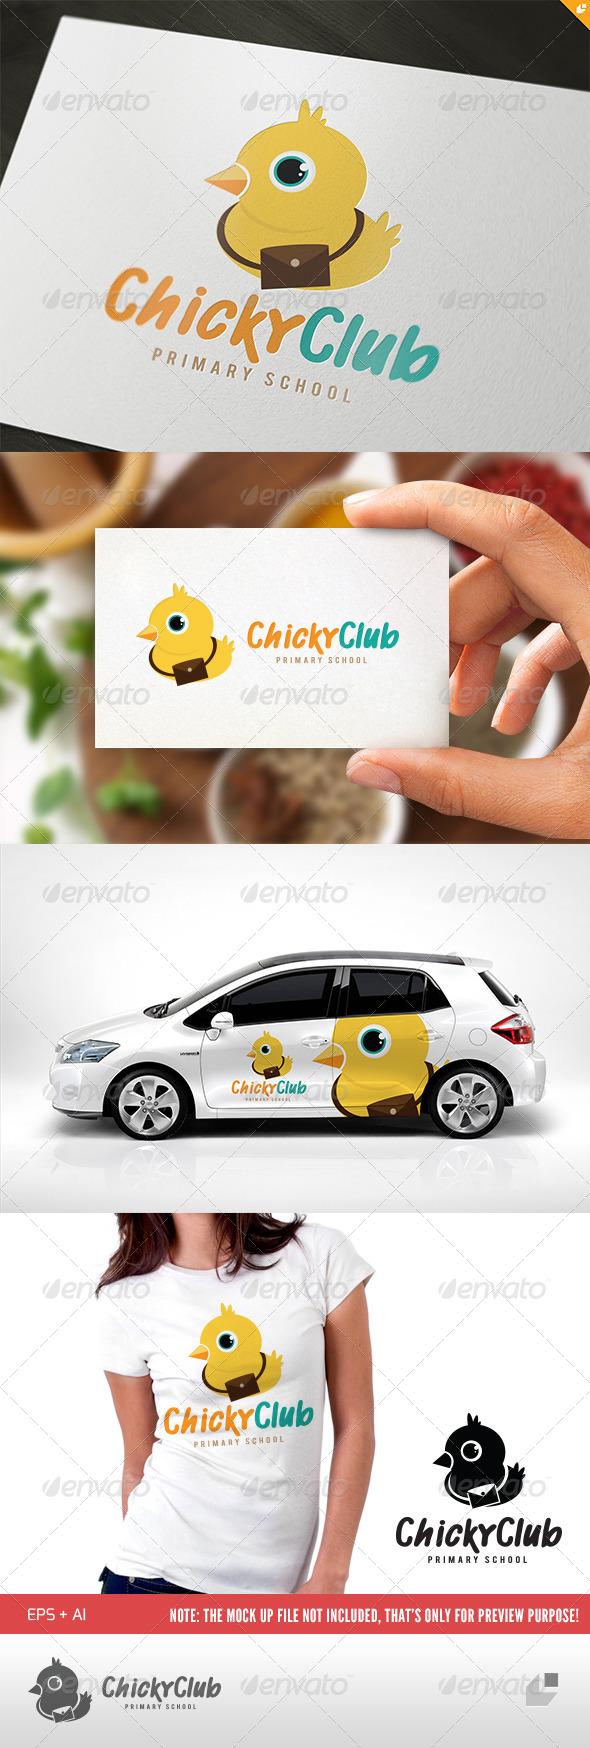 Chicky Club